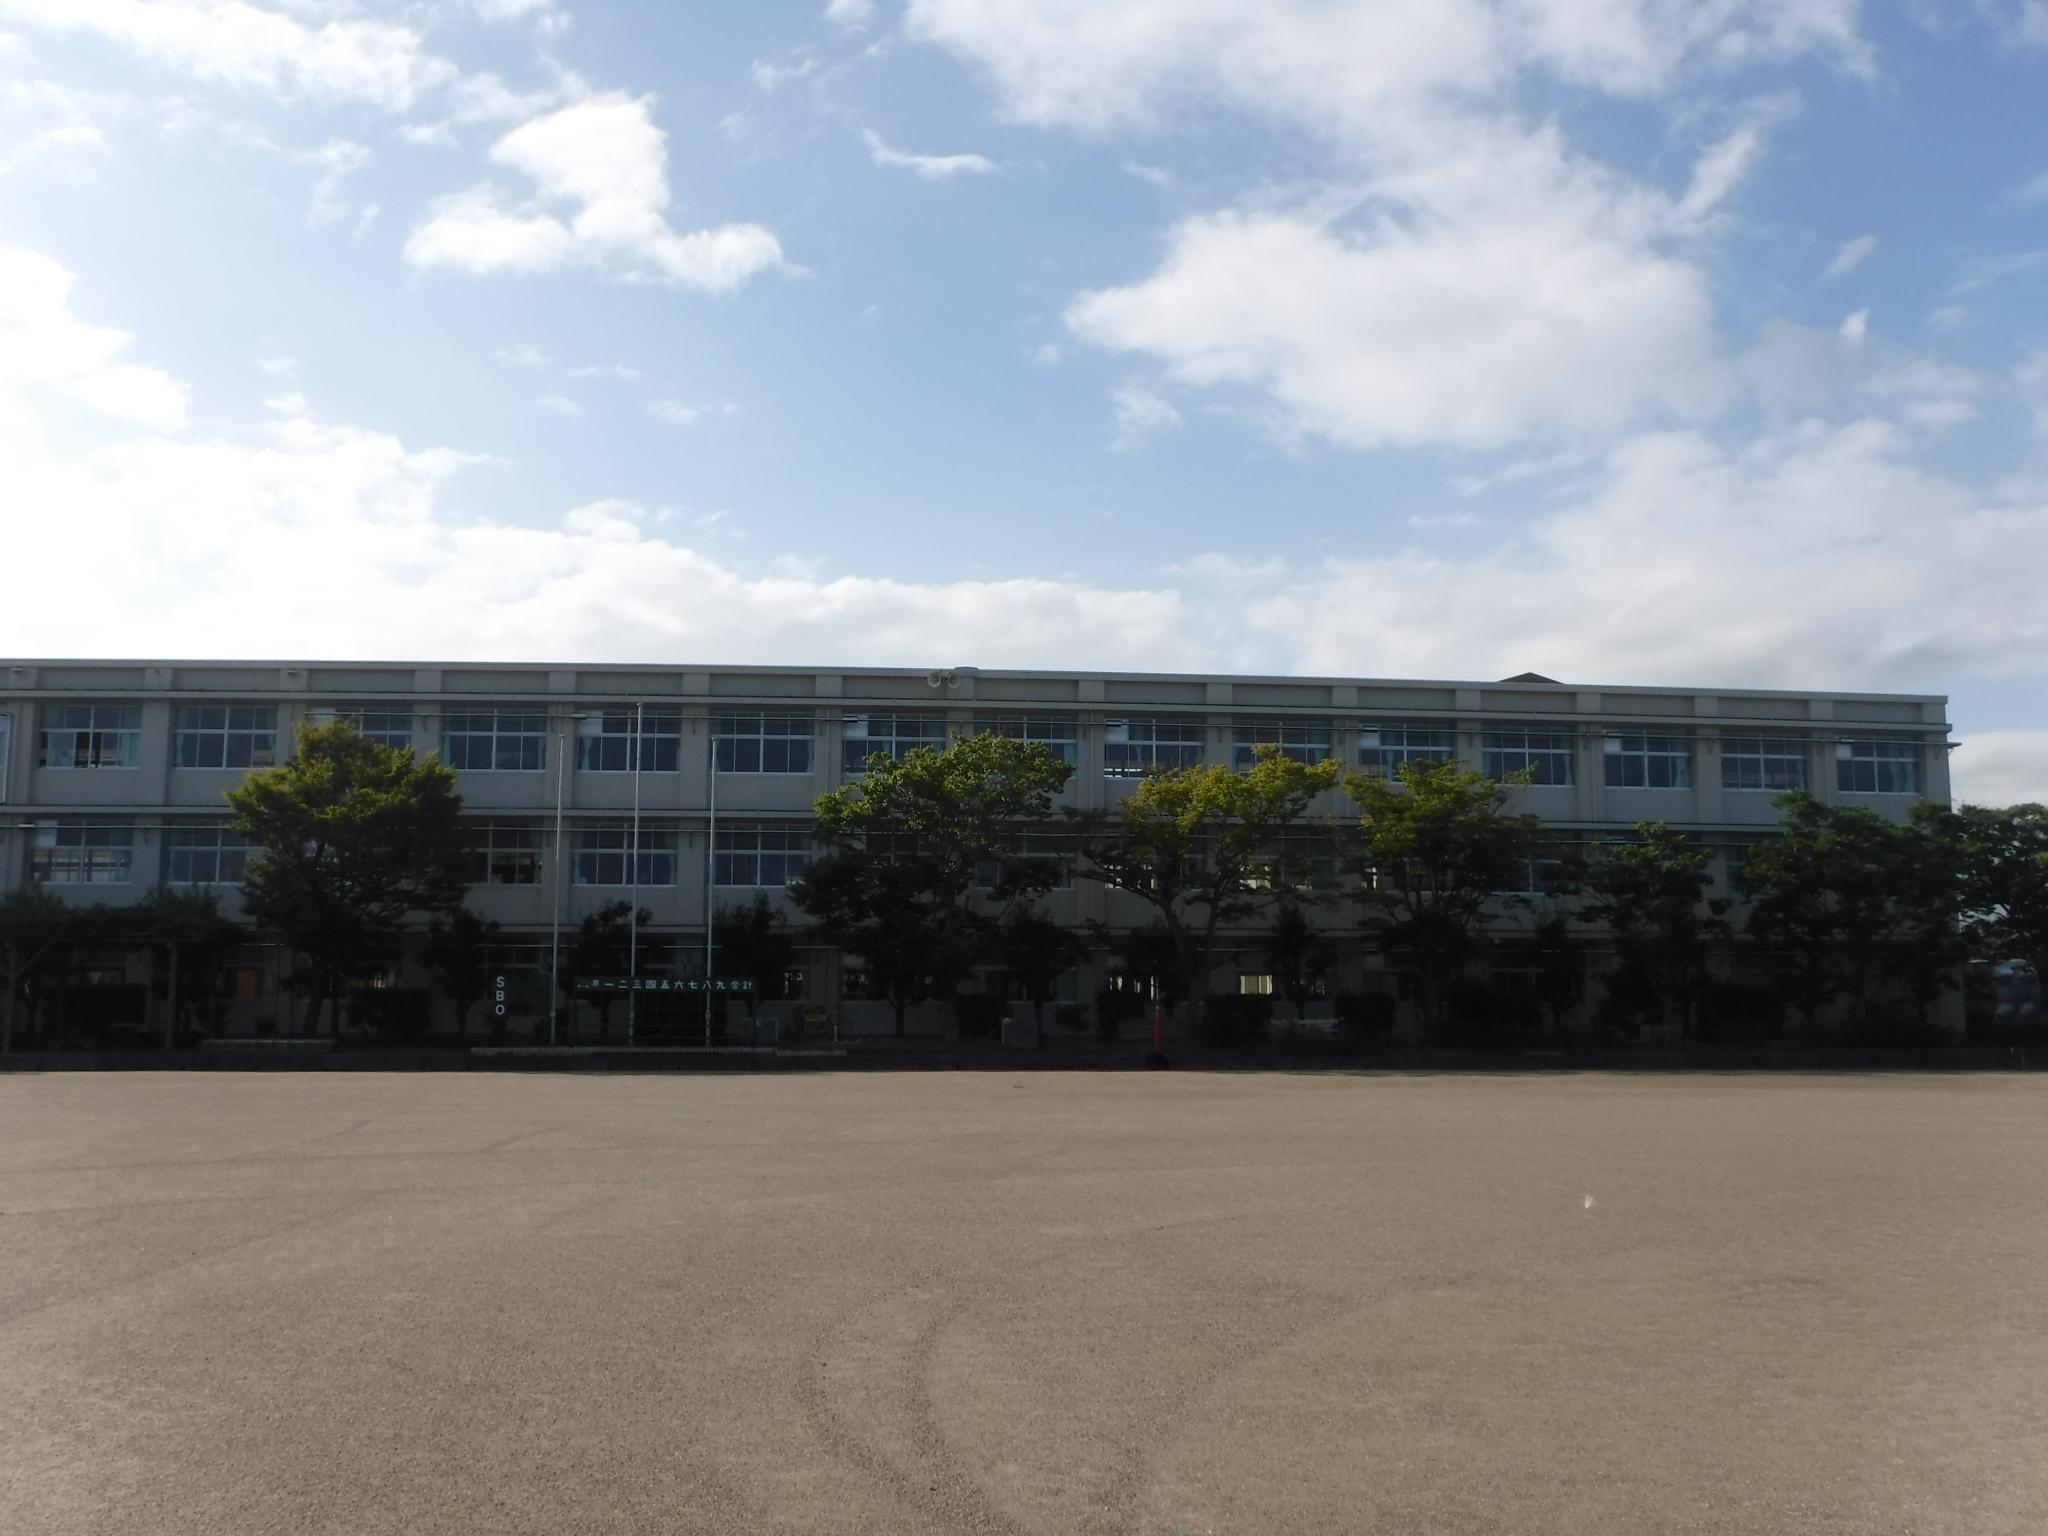 清流館高校外観